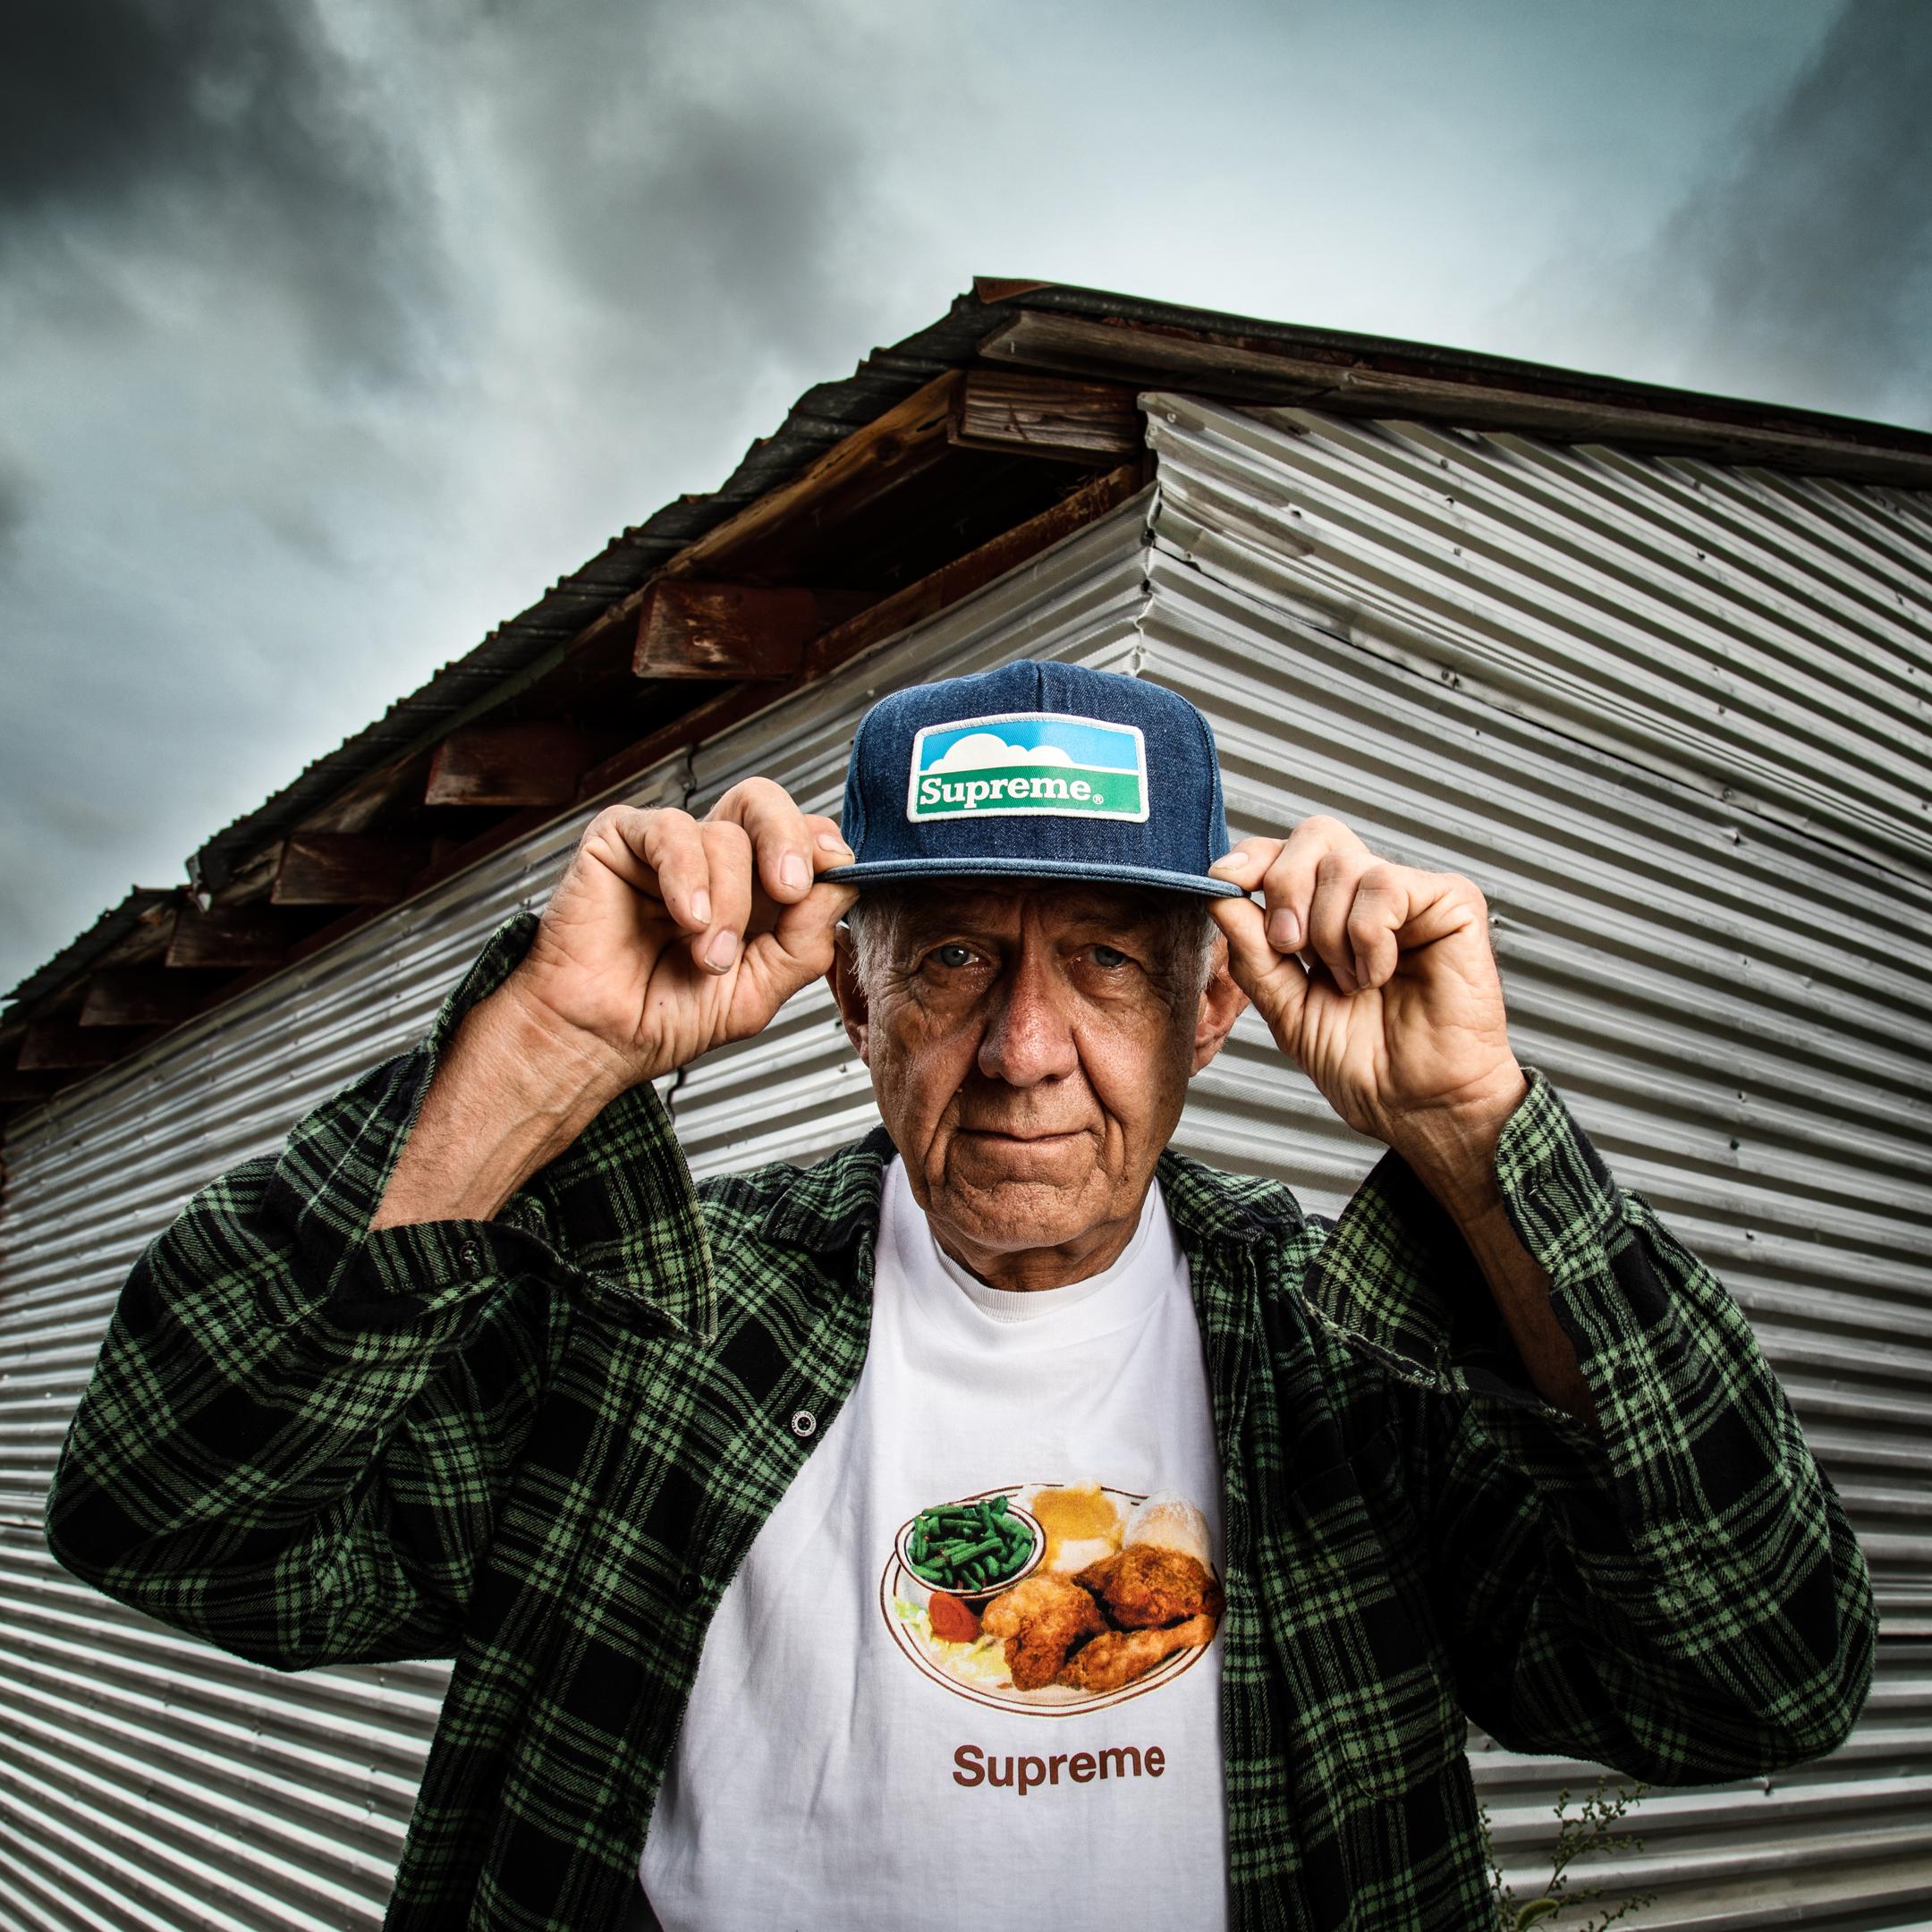 c1b04bb2 Contributing To The Culture: FarmlandxSupreme